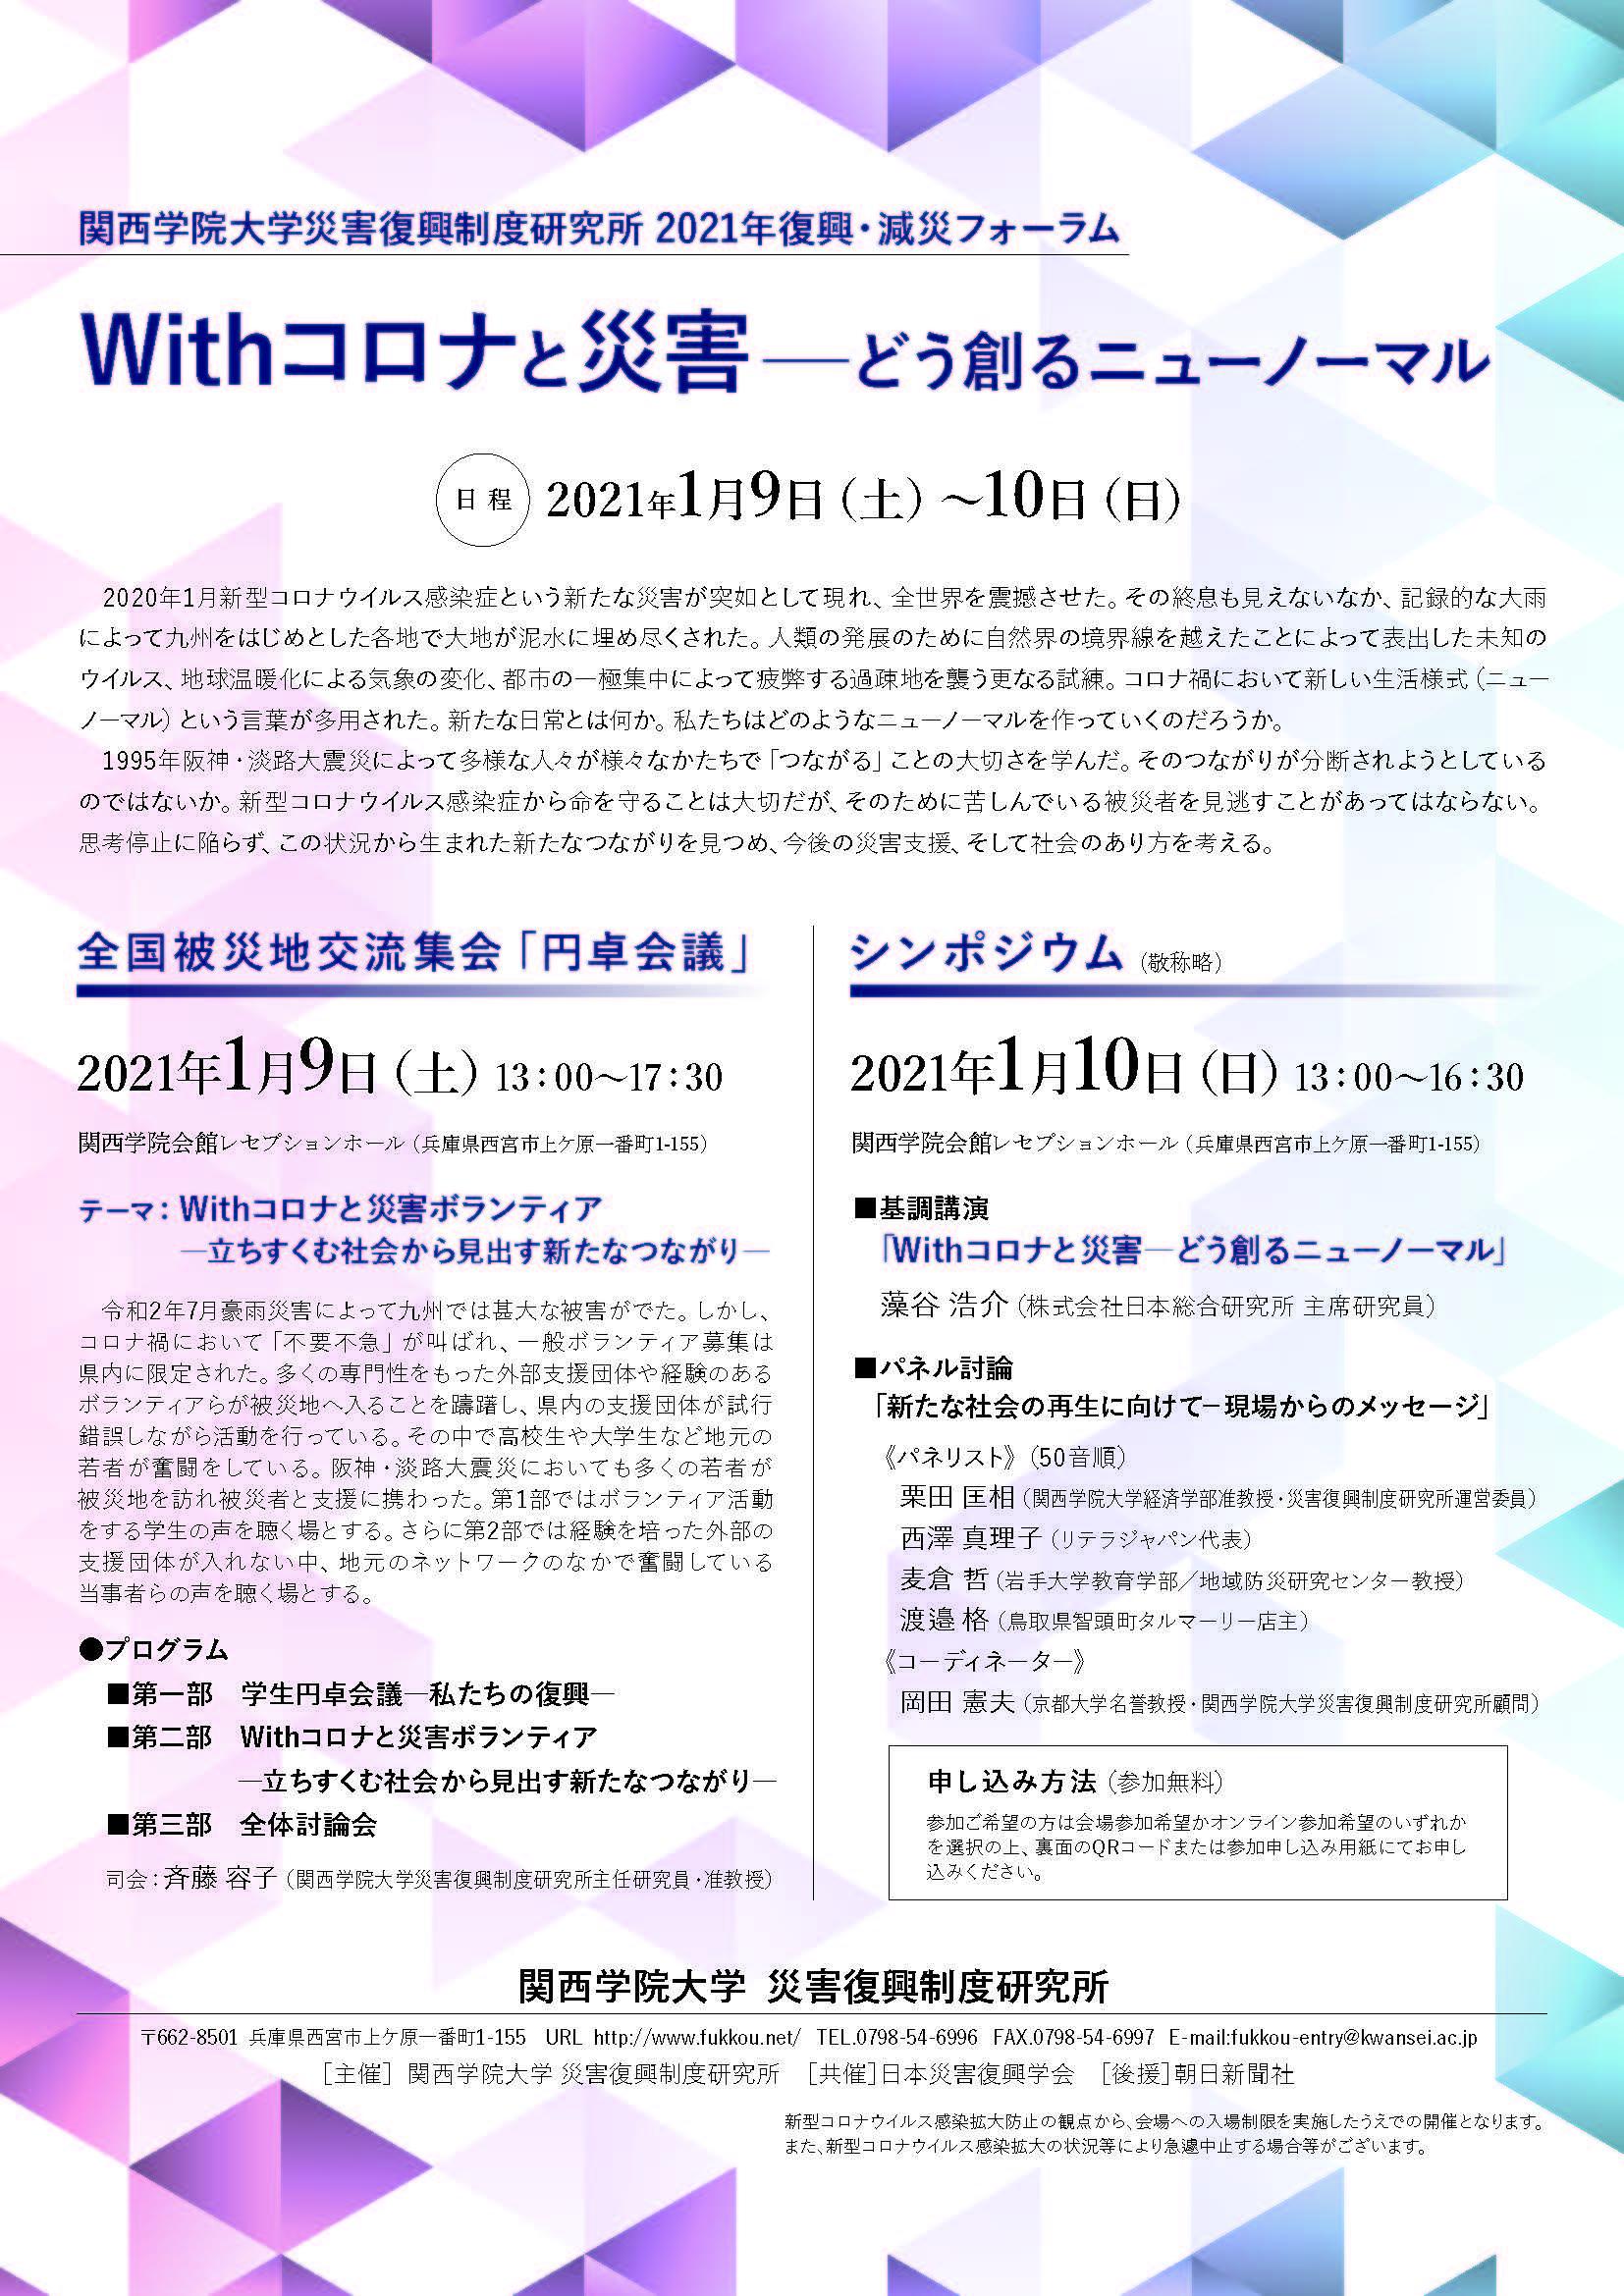 関西学院大学 「Withコロナと災害~どう創るニューノーマル」をテーマに、災害復興制度研究所が「2021年復興・減災フォーラム」(1月9、10日)を開催します